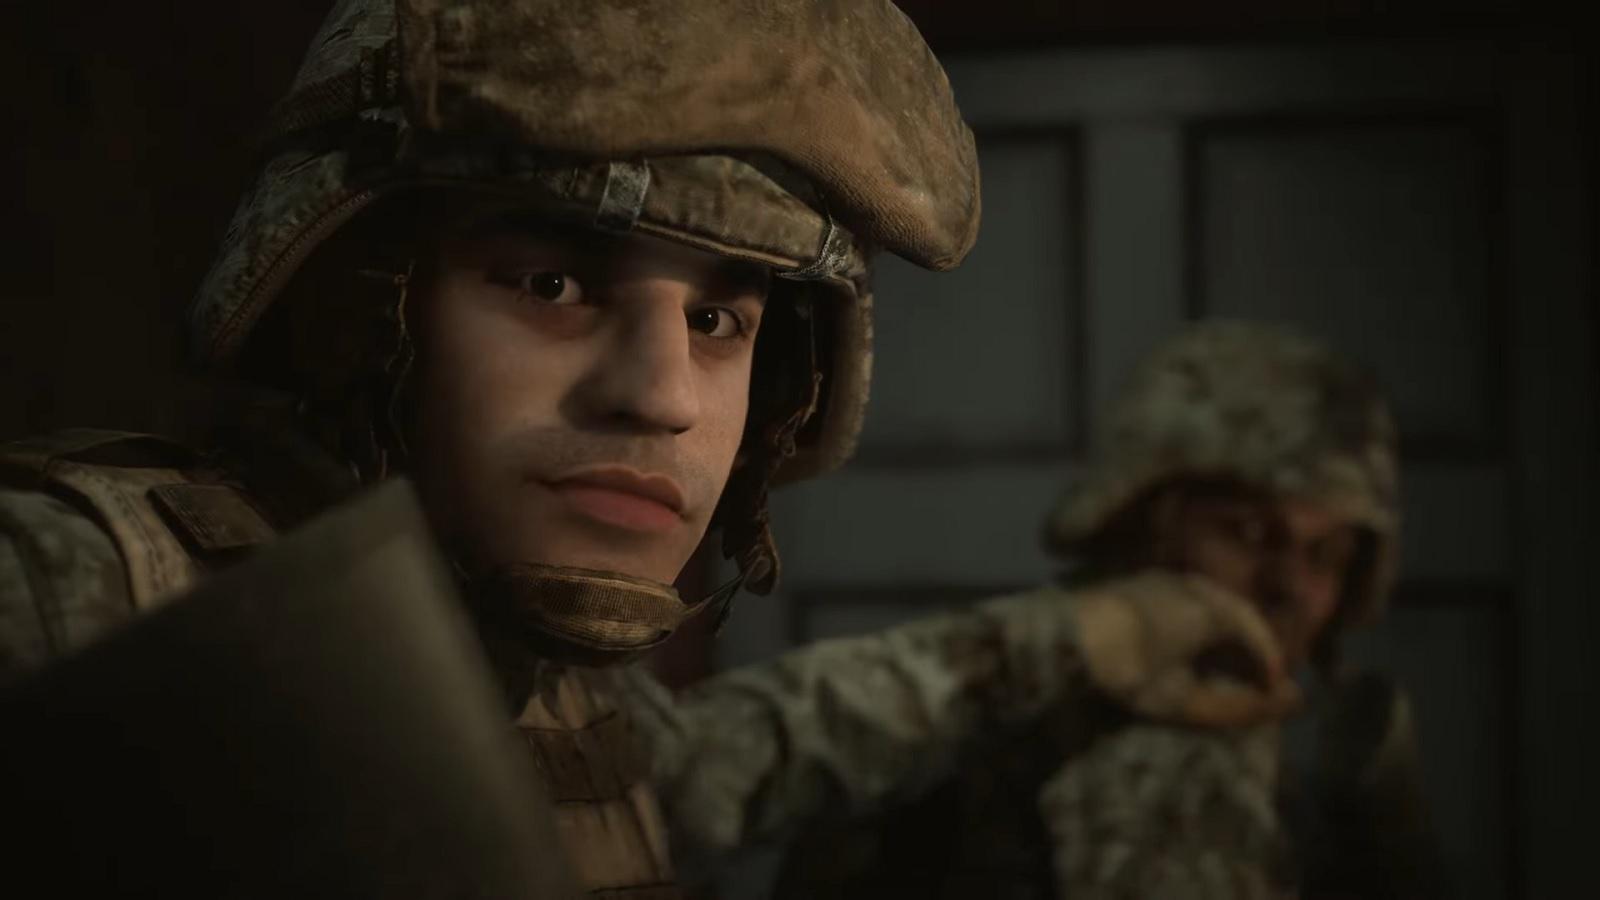 Отменённый в 2009 году военный шутер Six Days in Fallujah получит новую жизнь